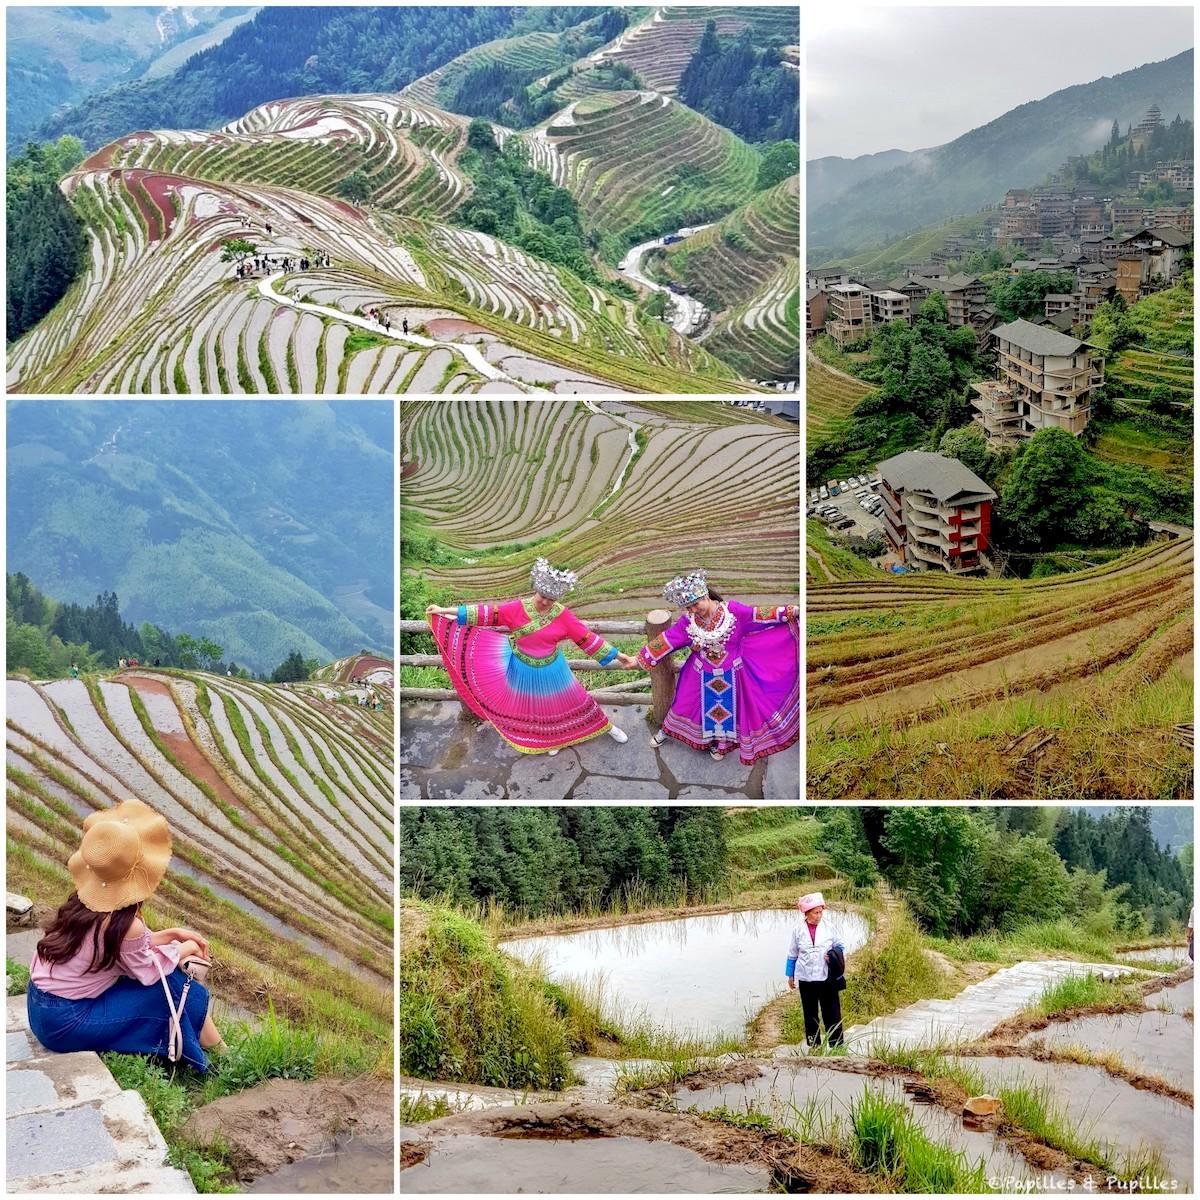 Les rizières en terrasses - Chine